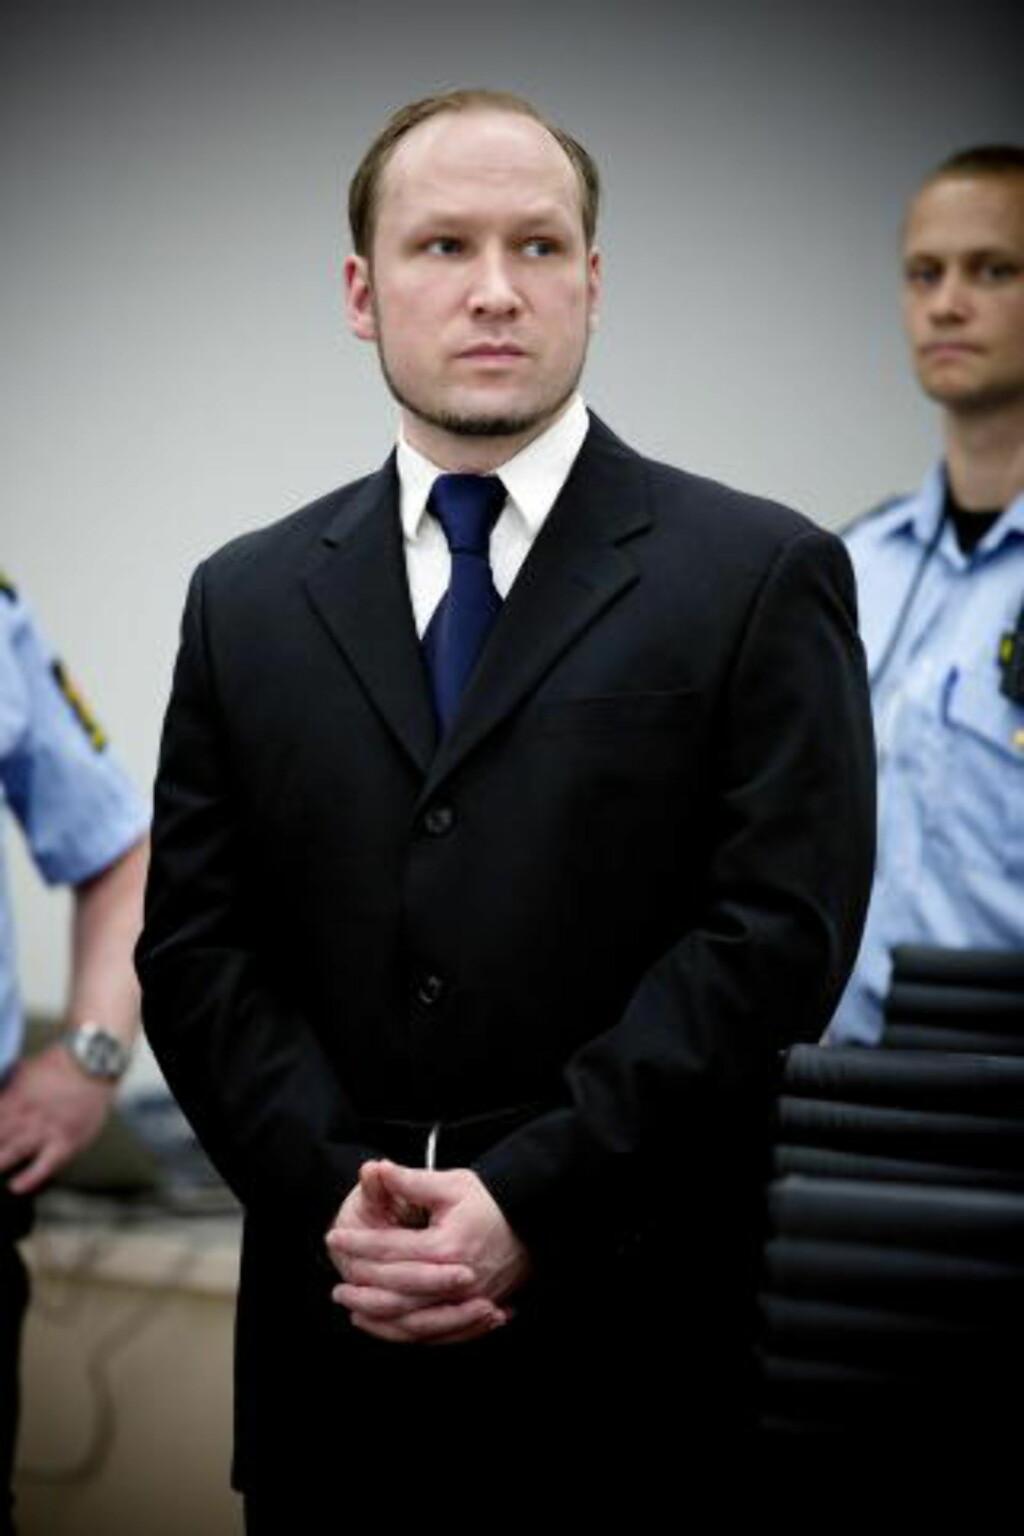 DØMMES PÅ FREDAG: Dommen mot  Anders Behring Breivik forkynnes i Oslo tingrett på fredag. Han har via sine forsvarere uttalt at han vil anke dommen om han blir erklært utilregnelig. Dømmes han som tilregnelig, vil han sone straffen på forvaringsanstalten på Ila fengsel.  Foto: Tomm W. Christiansen/Dagbladet